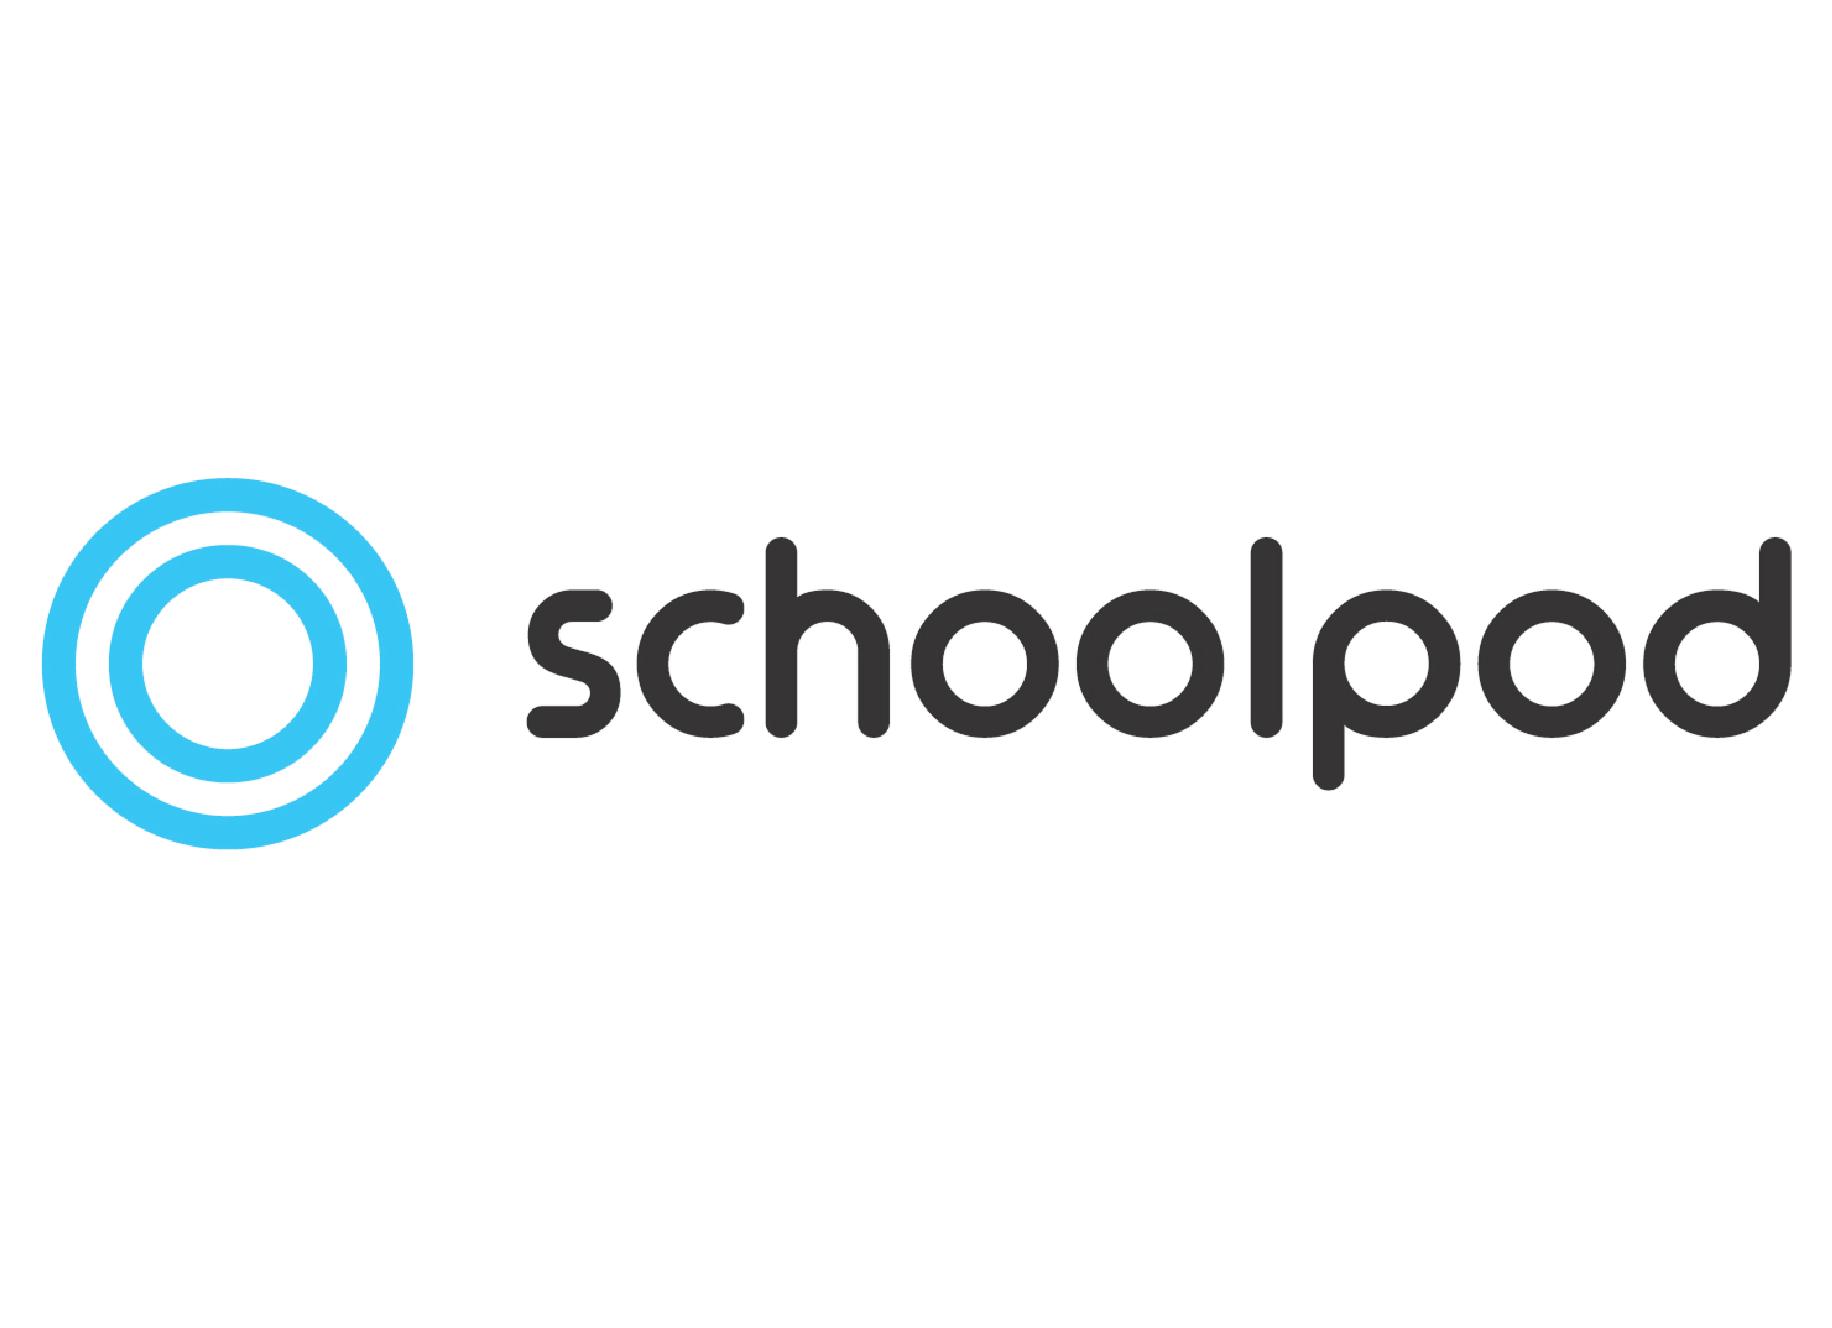 Schoolpod Integration Partner 2019